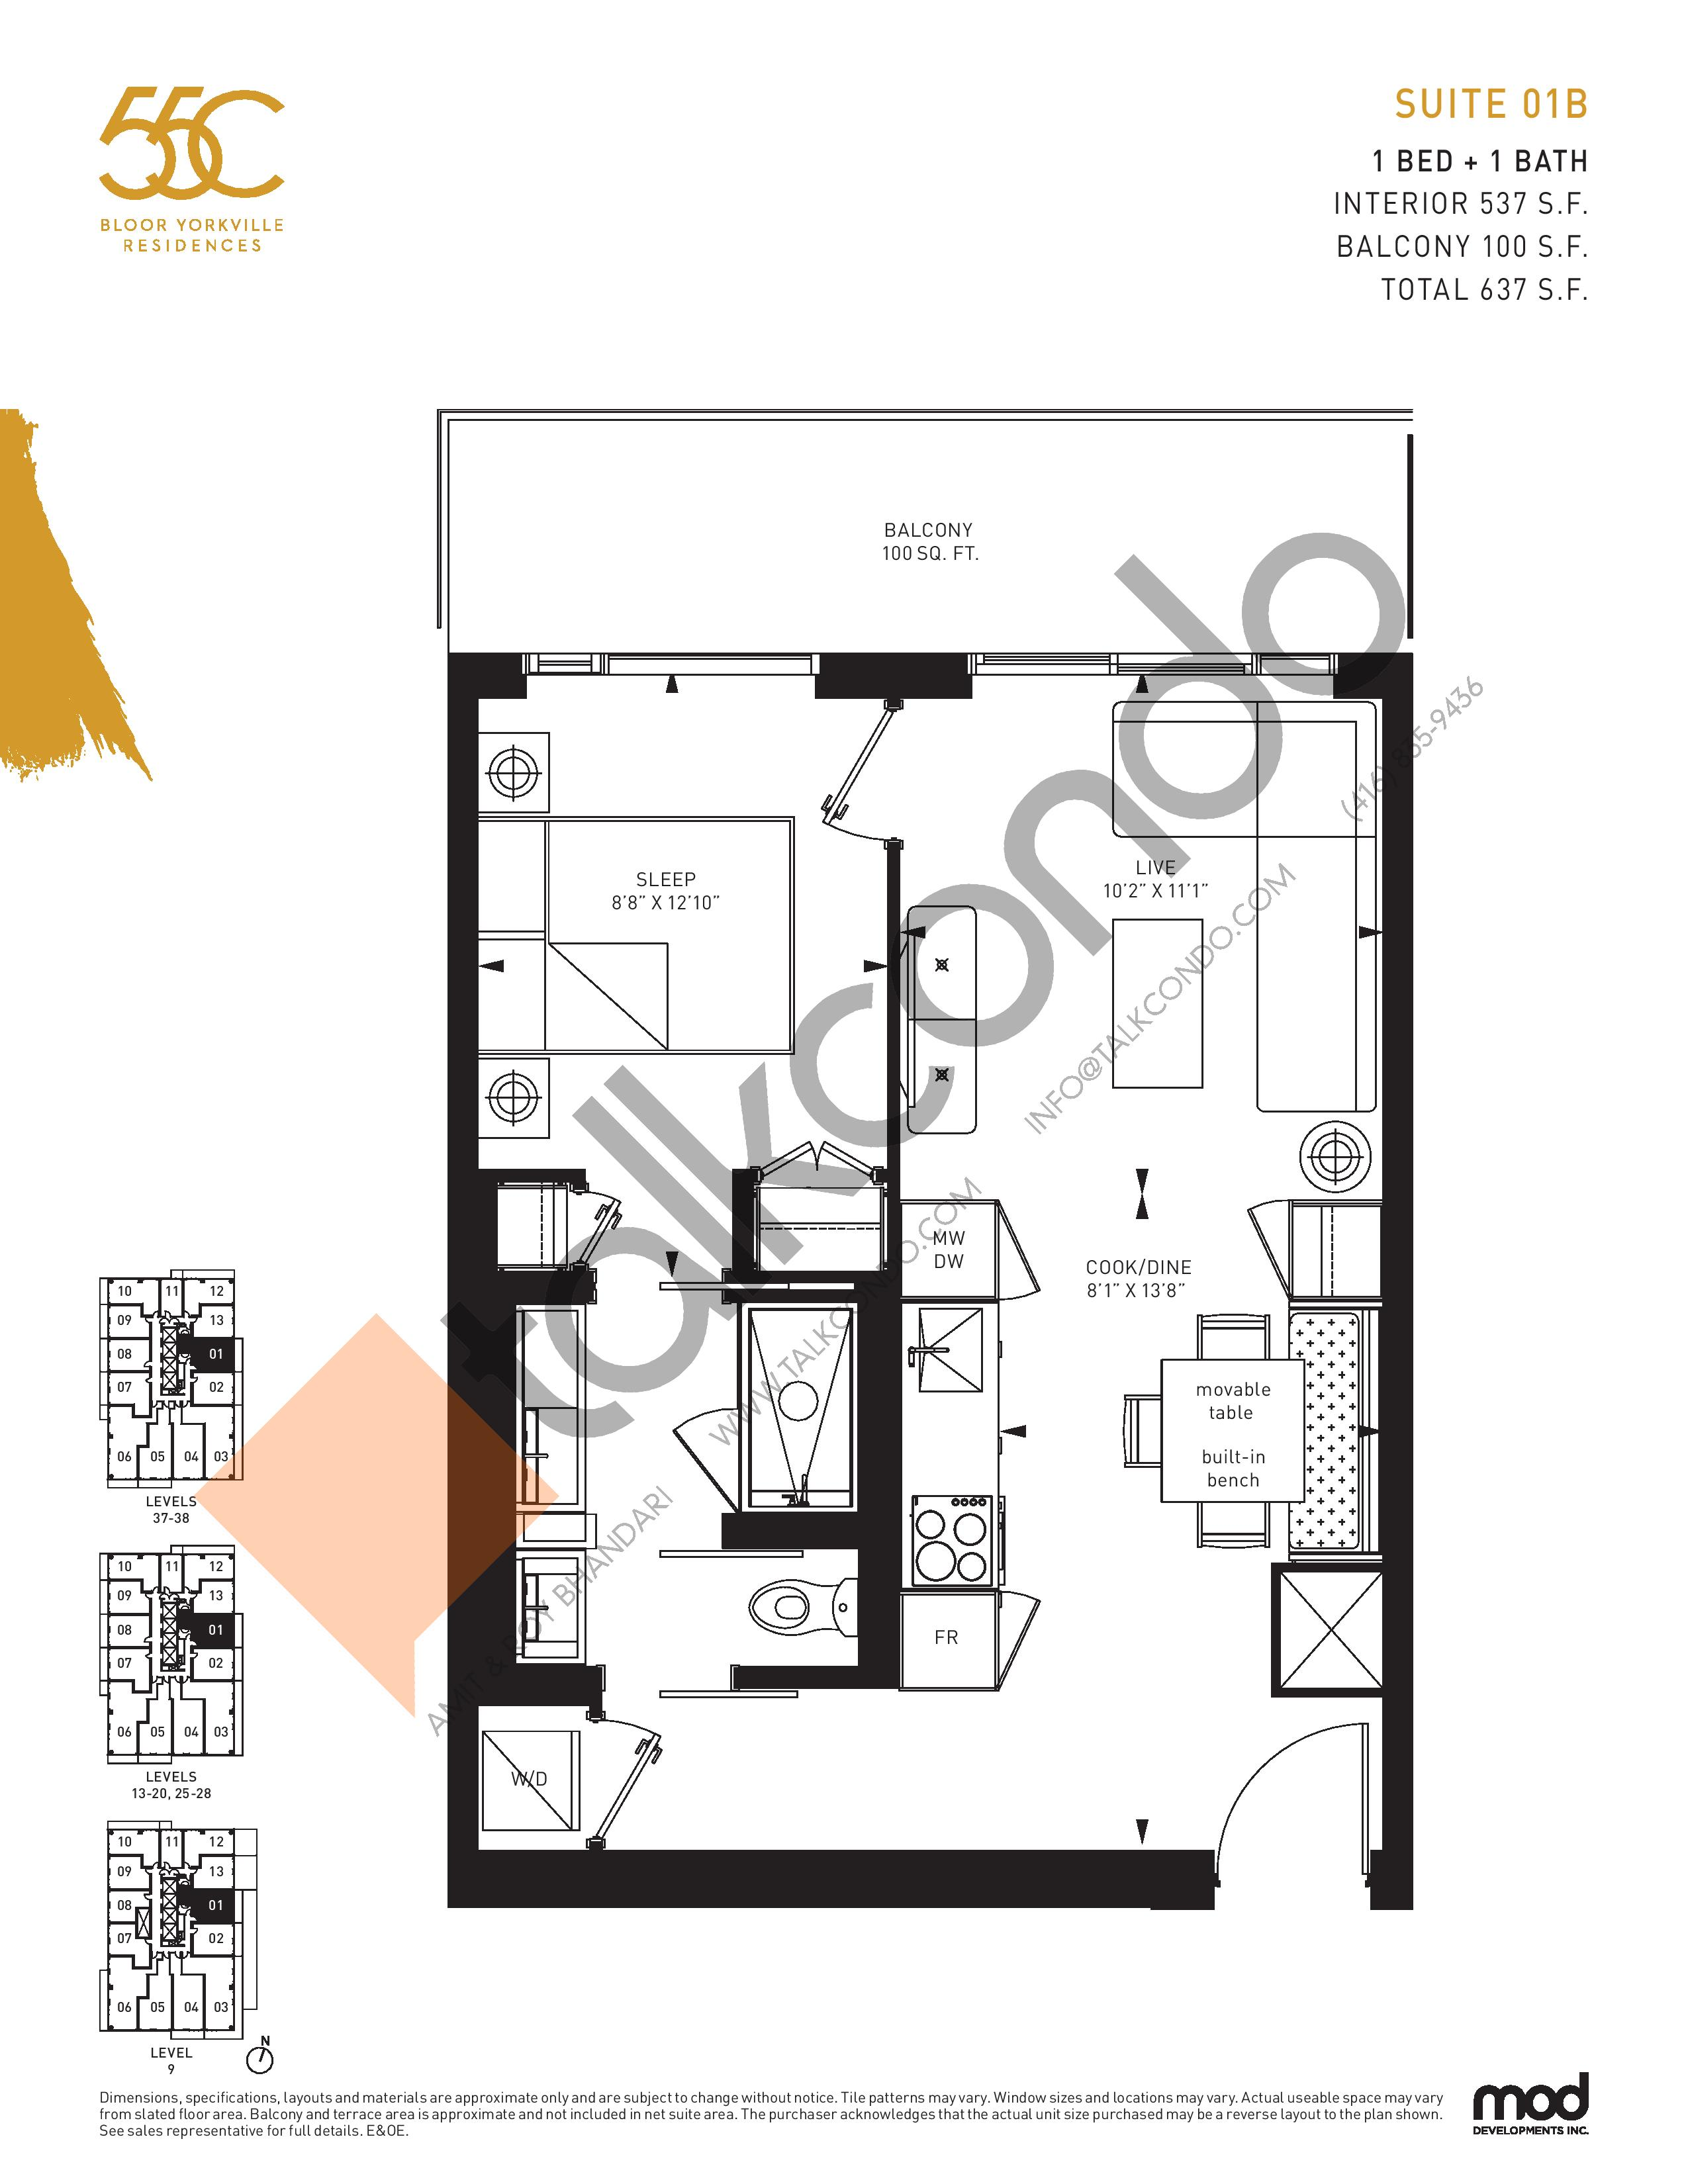 Suite 01B Floor Plan at 55C Condos - 537 sq.ft